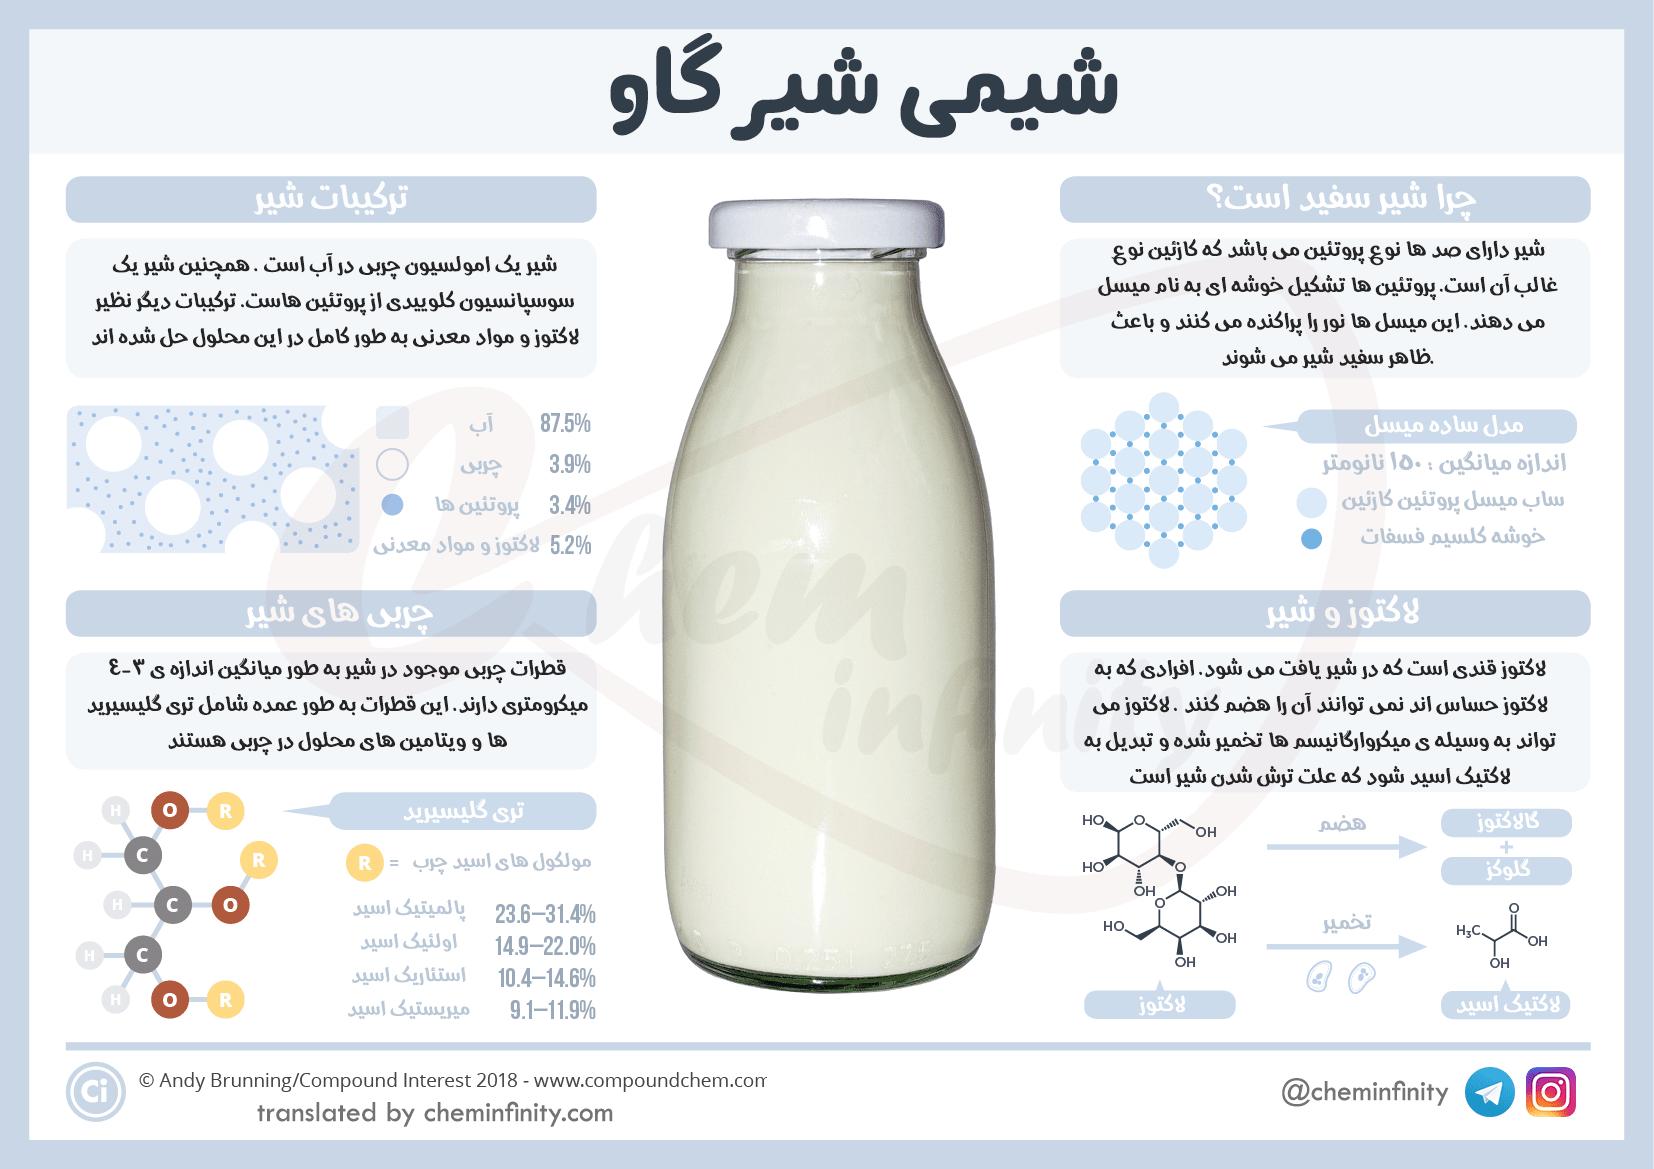 چرا شیر سفید است؟